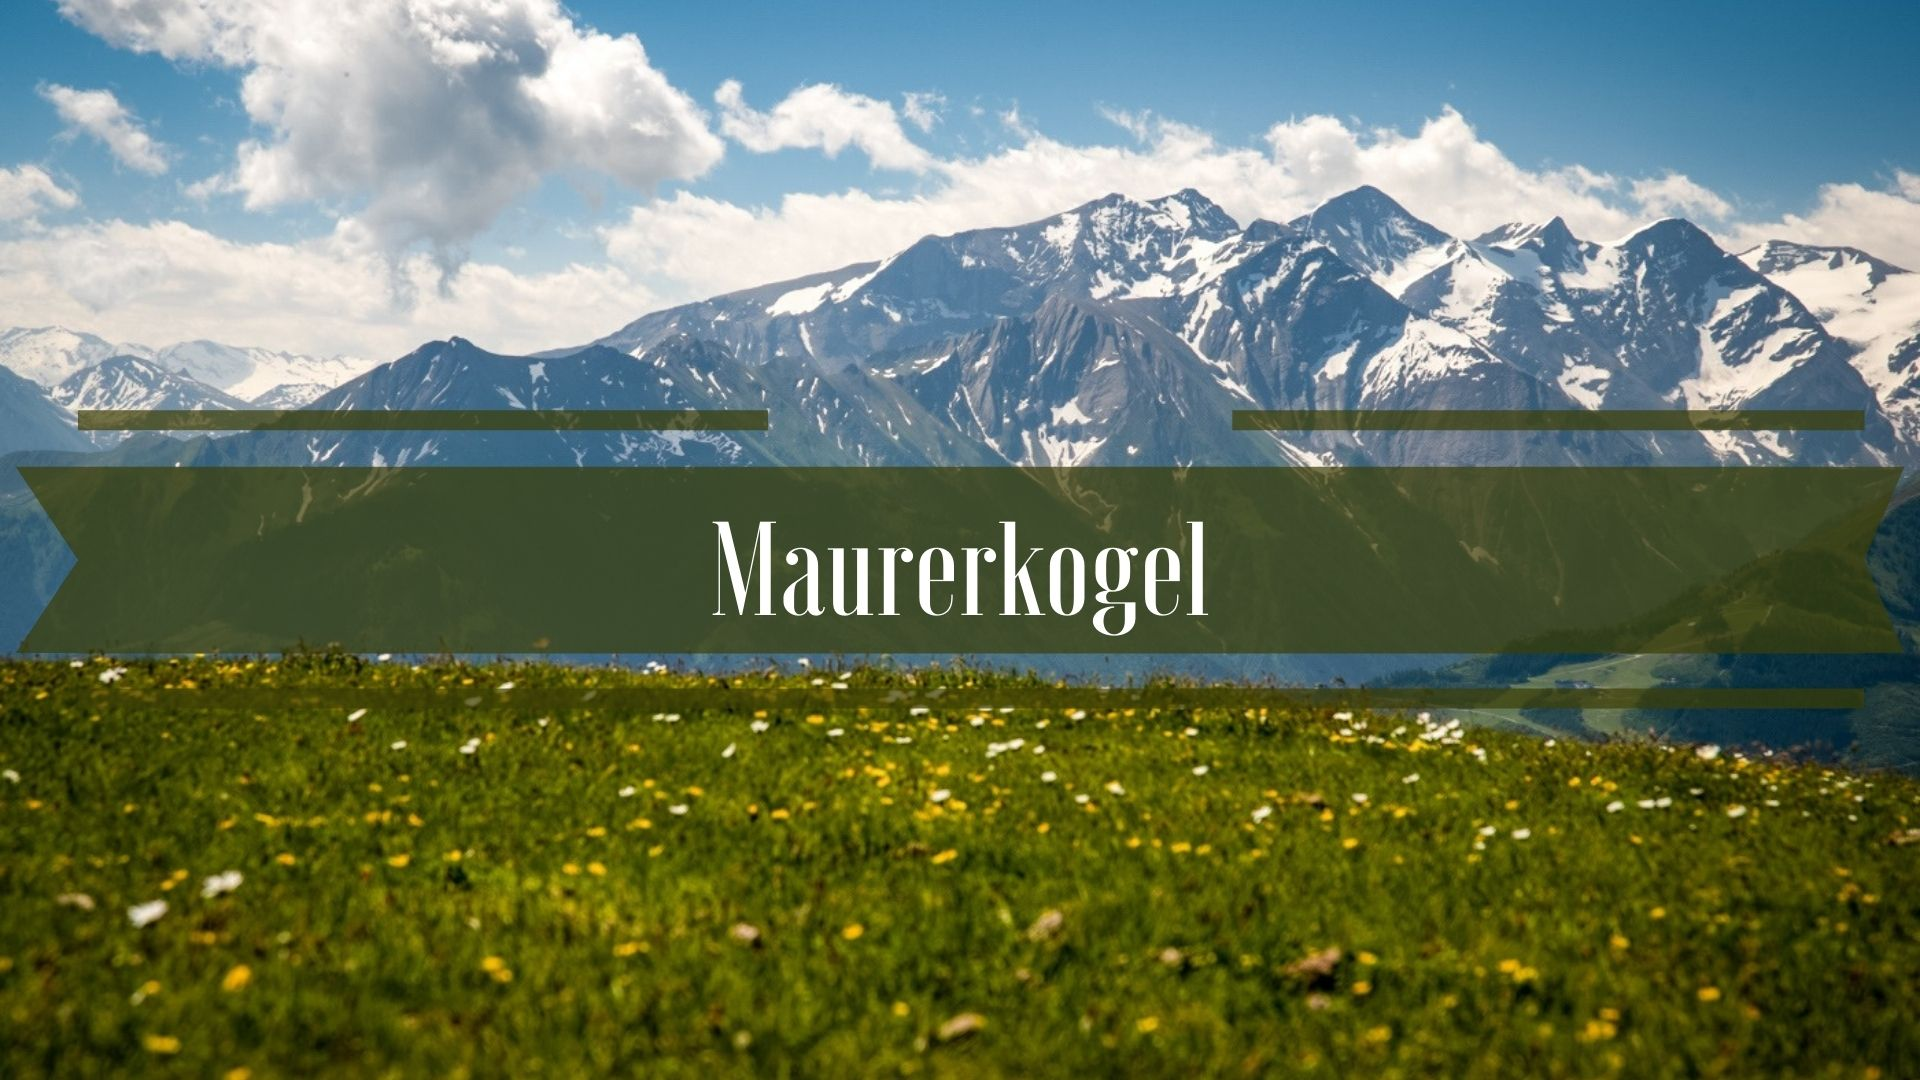 Maurerkogel - Schmitten - Zell am See